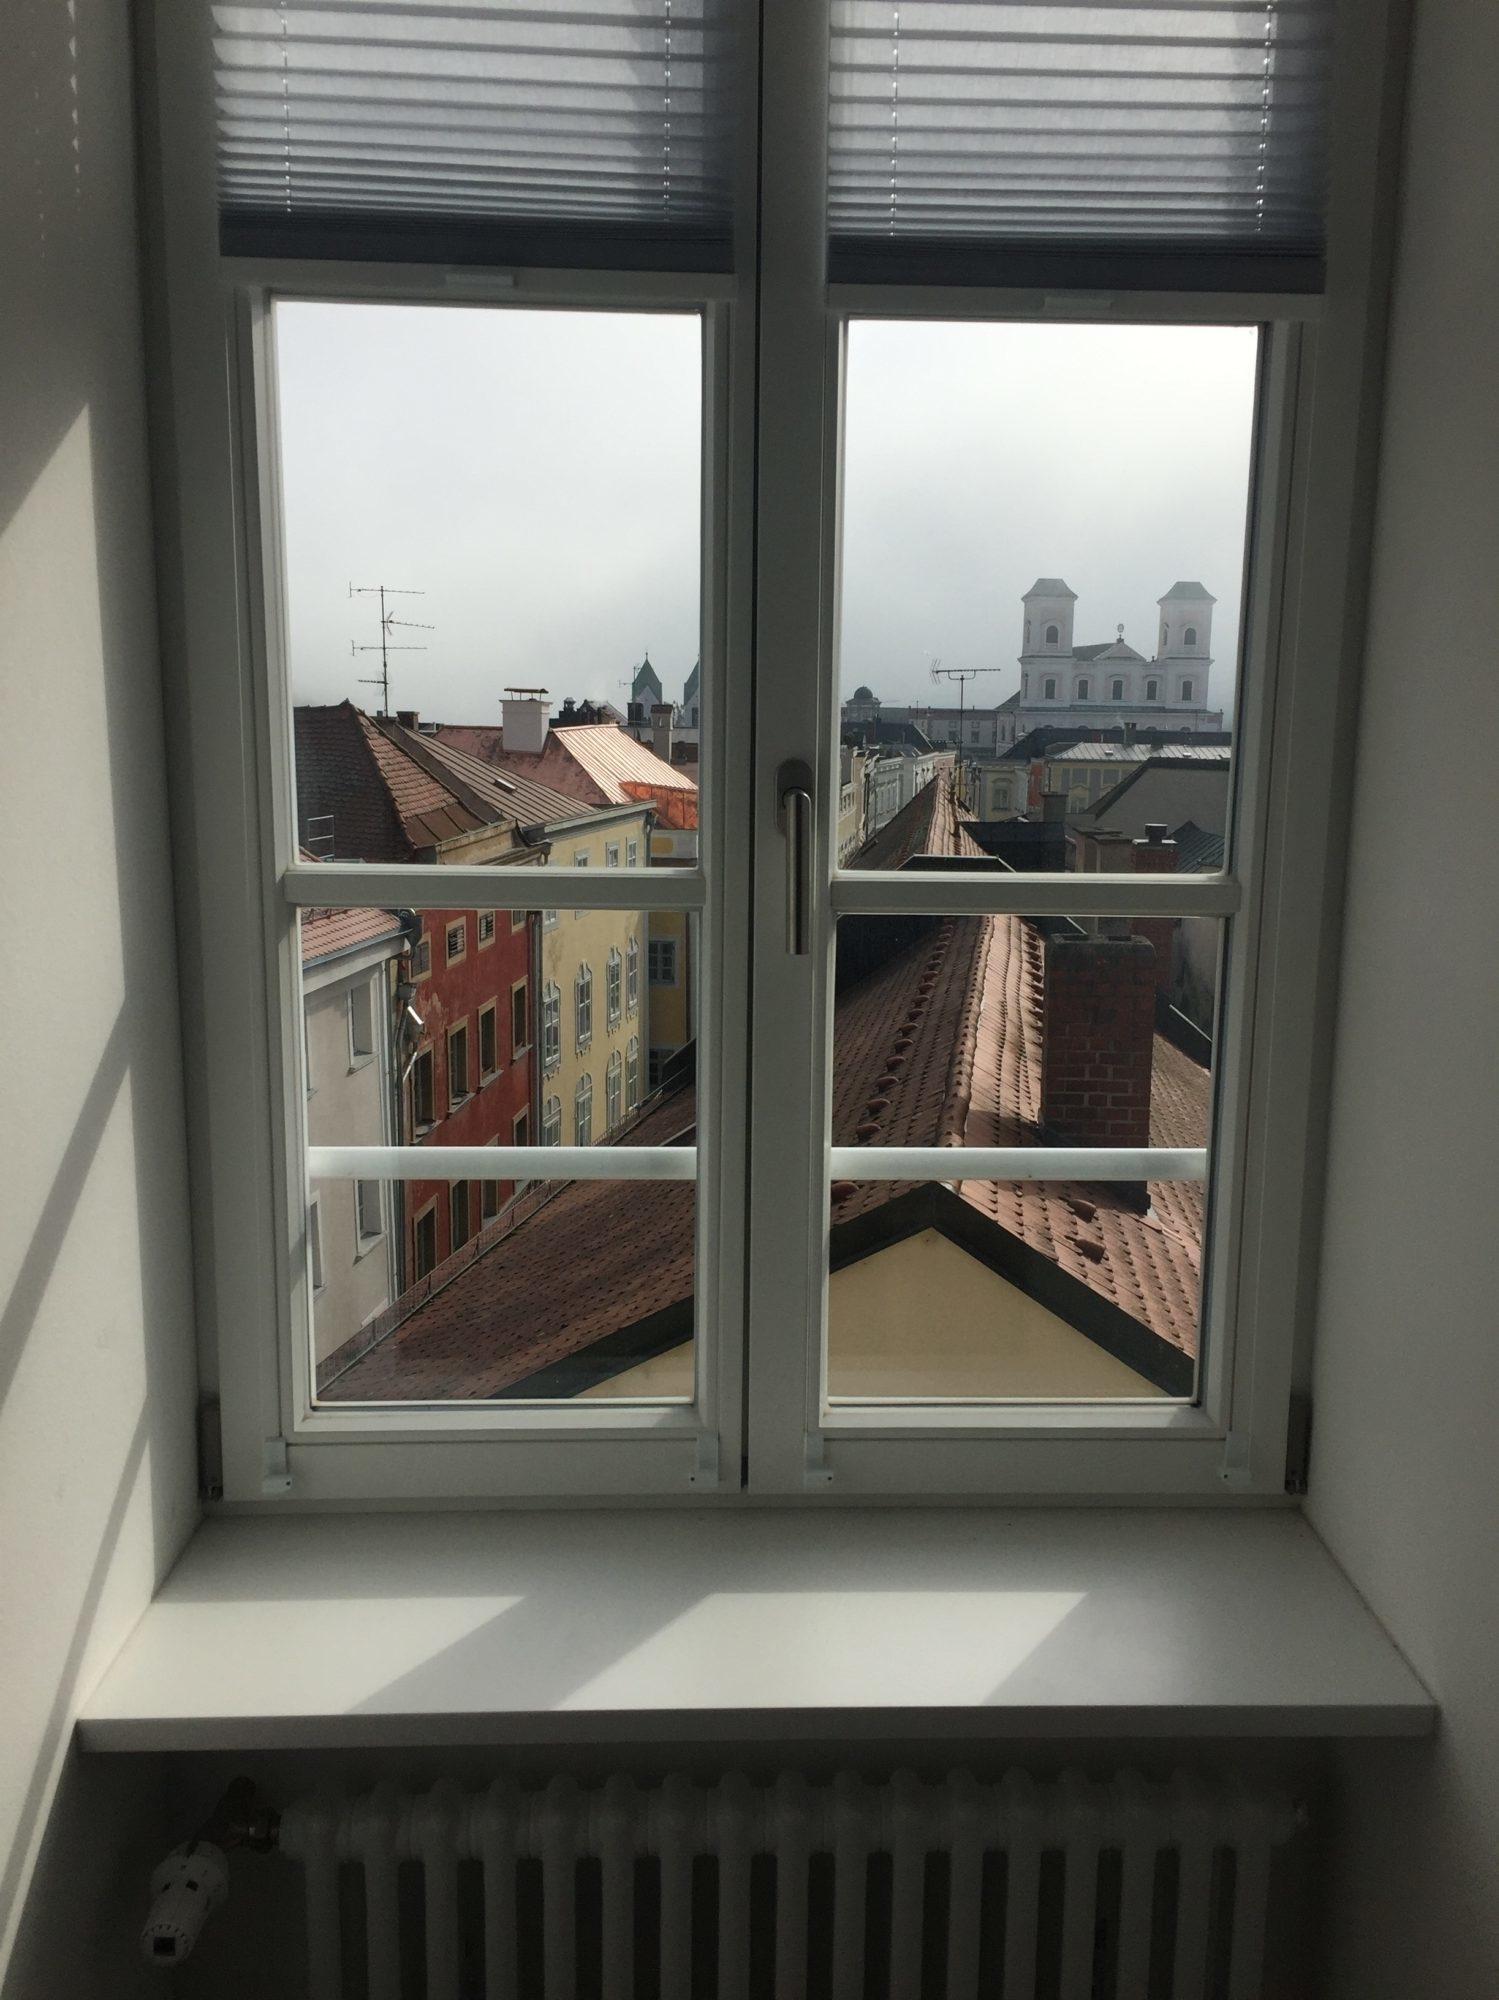 Ausblick vom Fenster